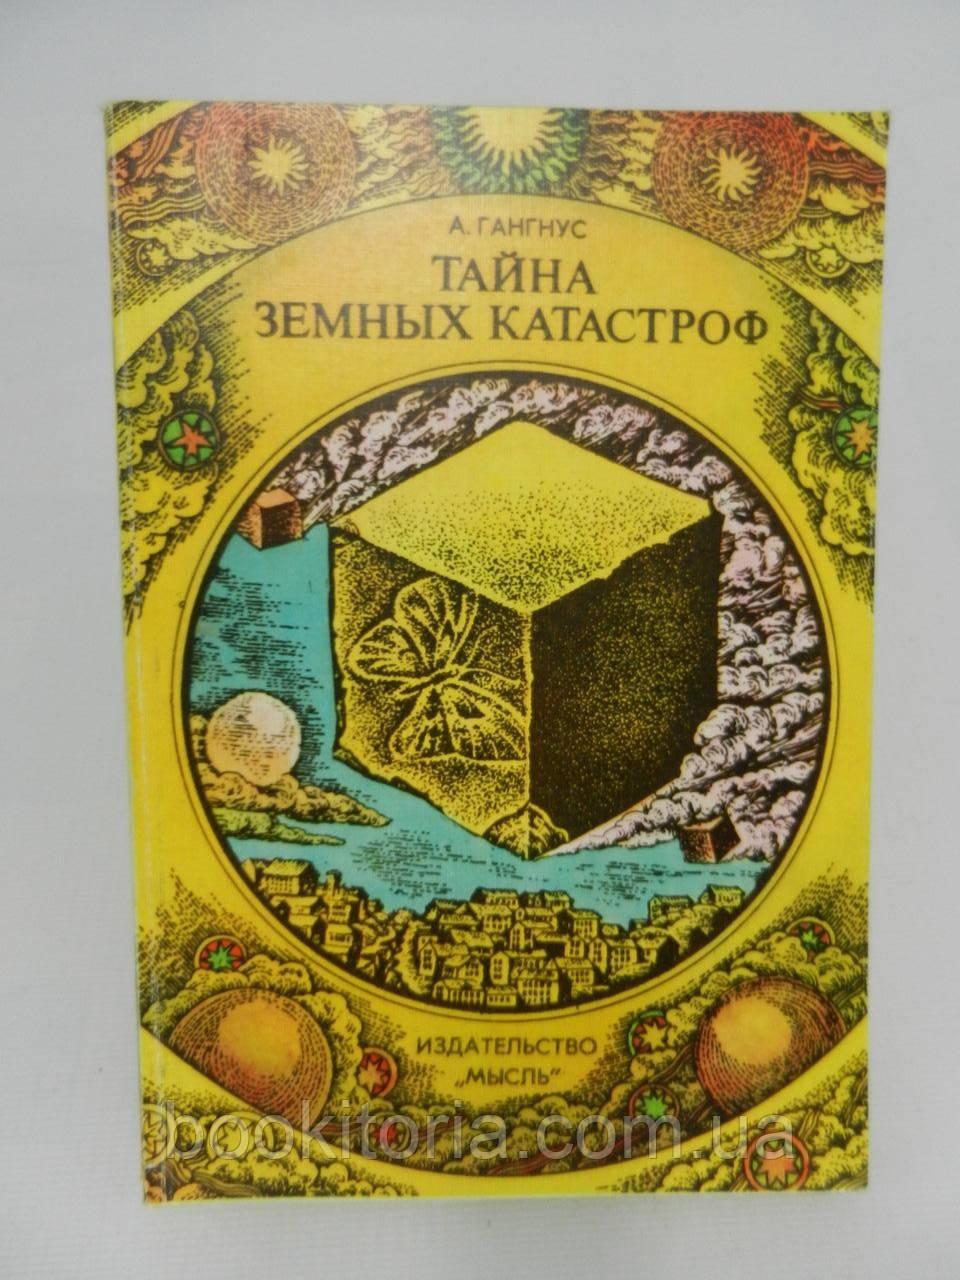 Гангнус А. Тайны земных катастроф (б/у).